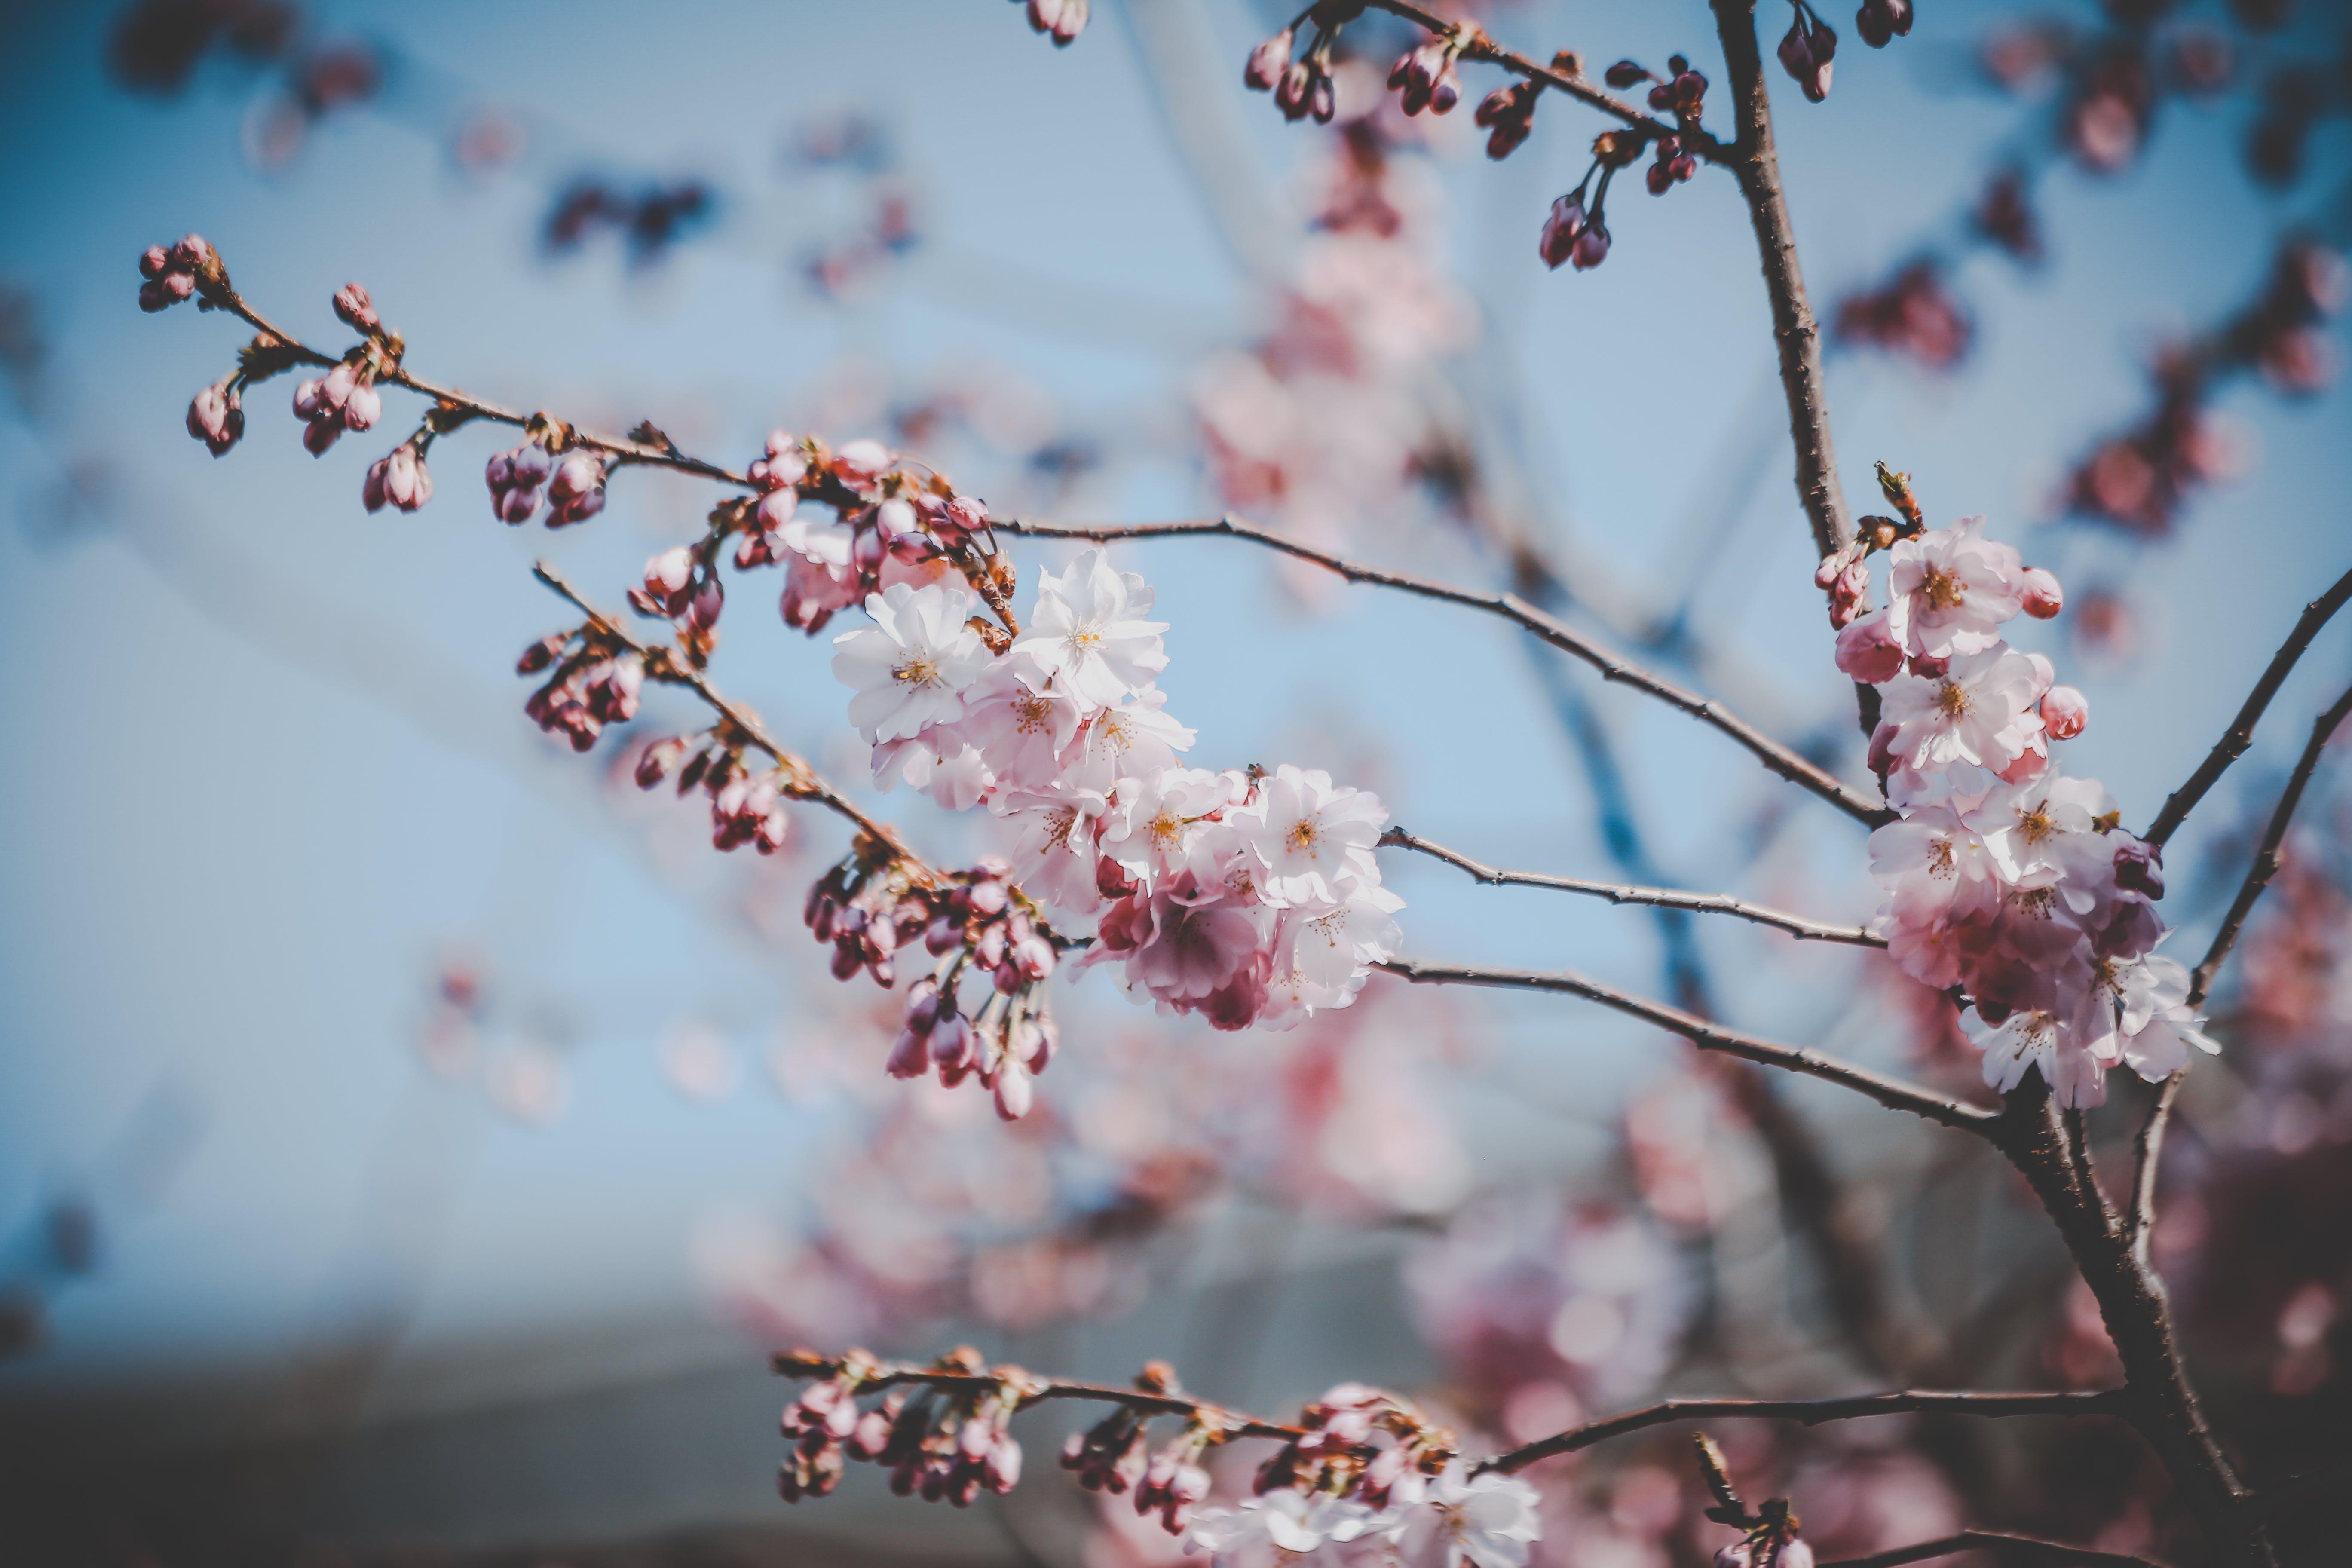 Fotos de stock gratuitas de al aire libre, árbol, brotar, cereza